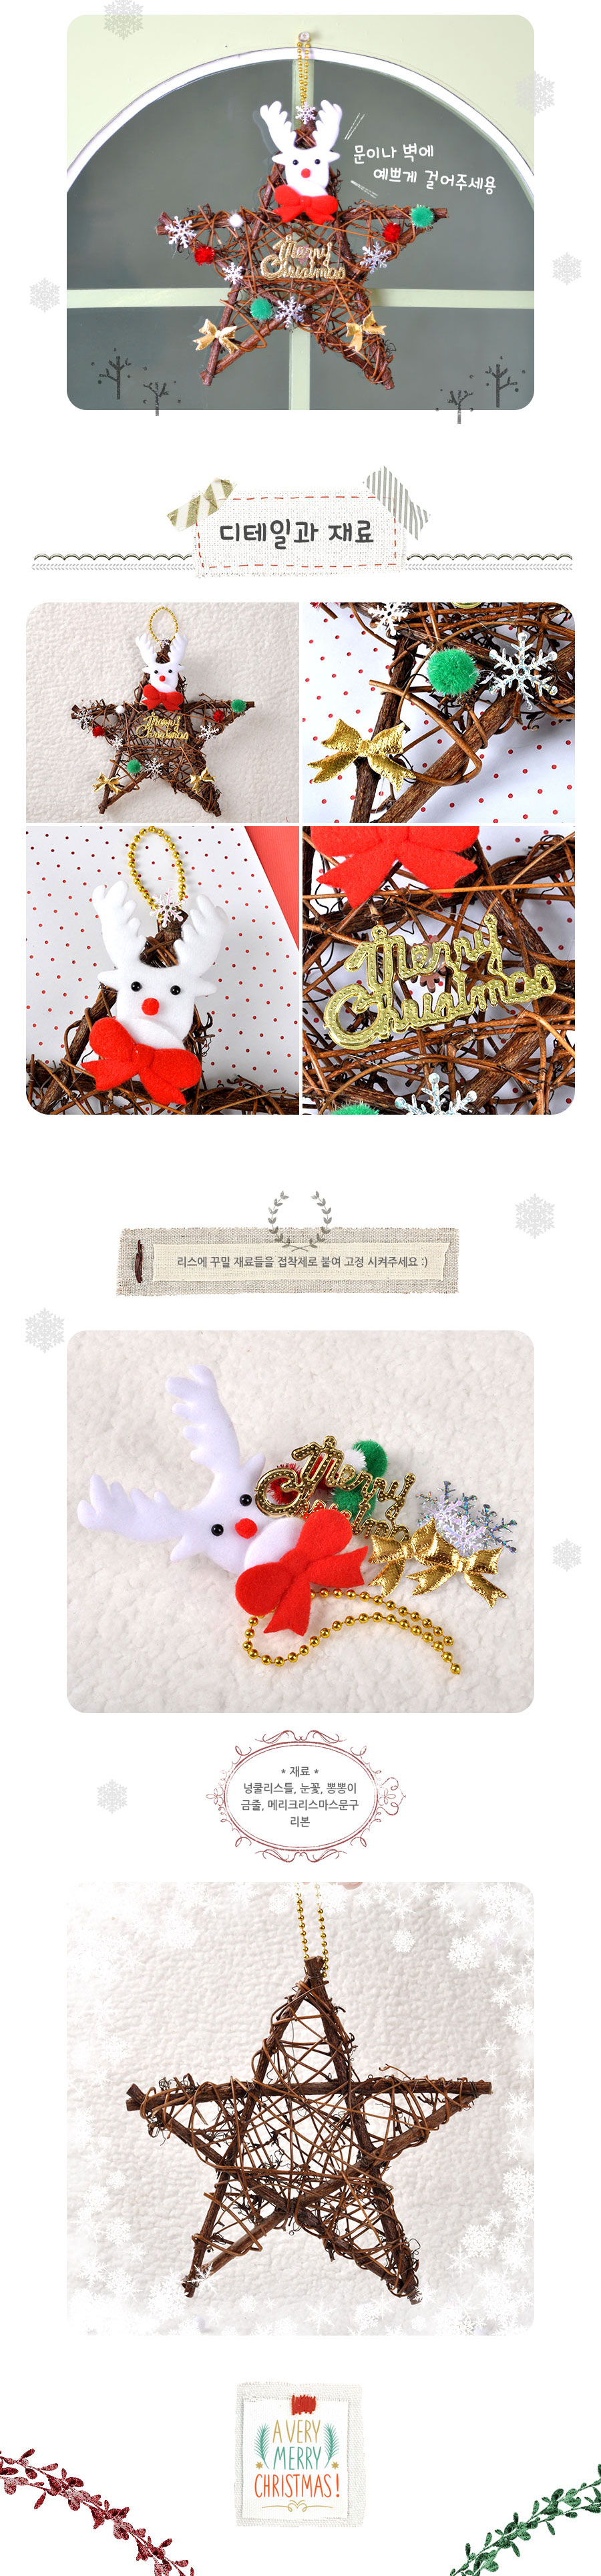 내추럴 별 리스 (1인용)/크리스마스 - 아트랄라, 4,500원, 장식품, 크리스마스소품